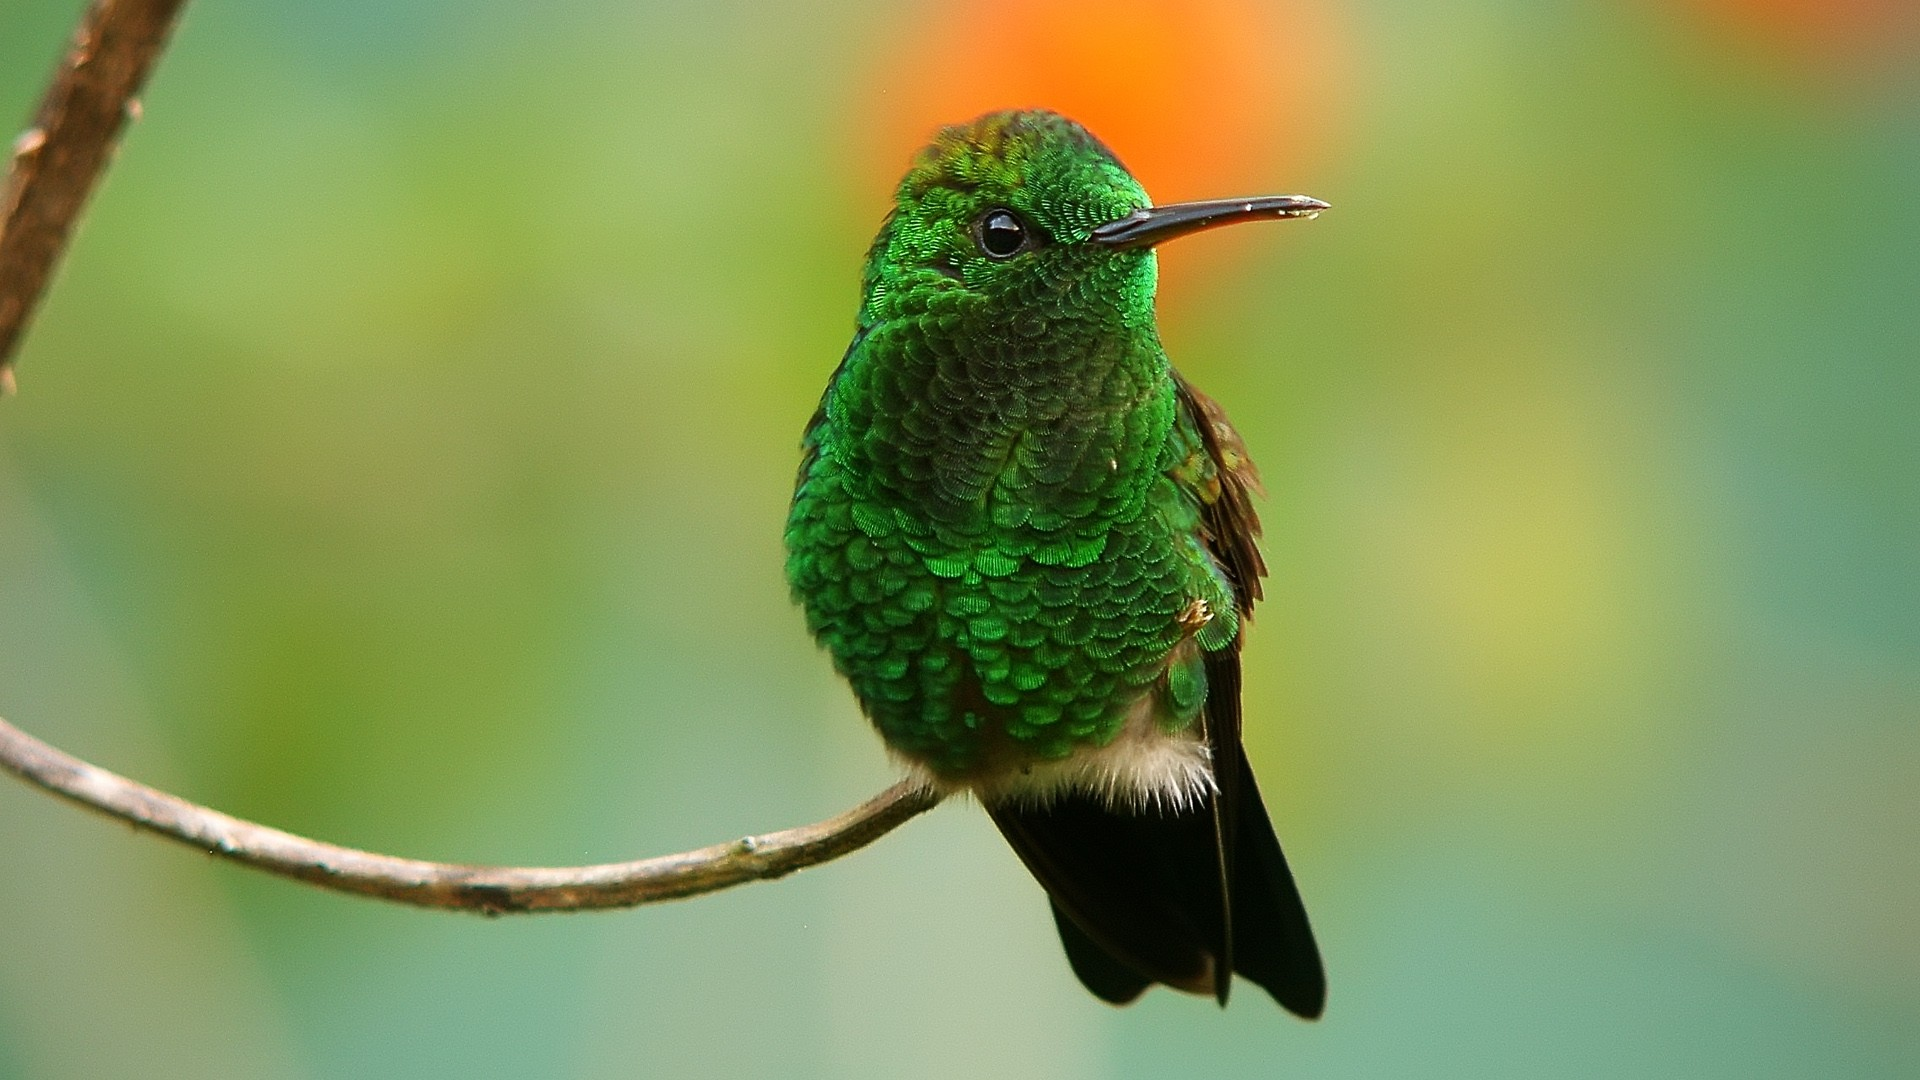 green bird wallpaper (9)